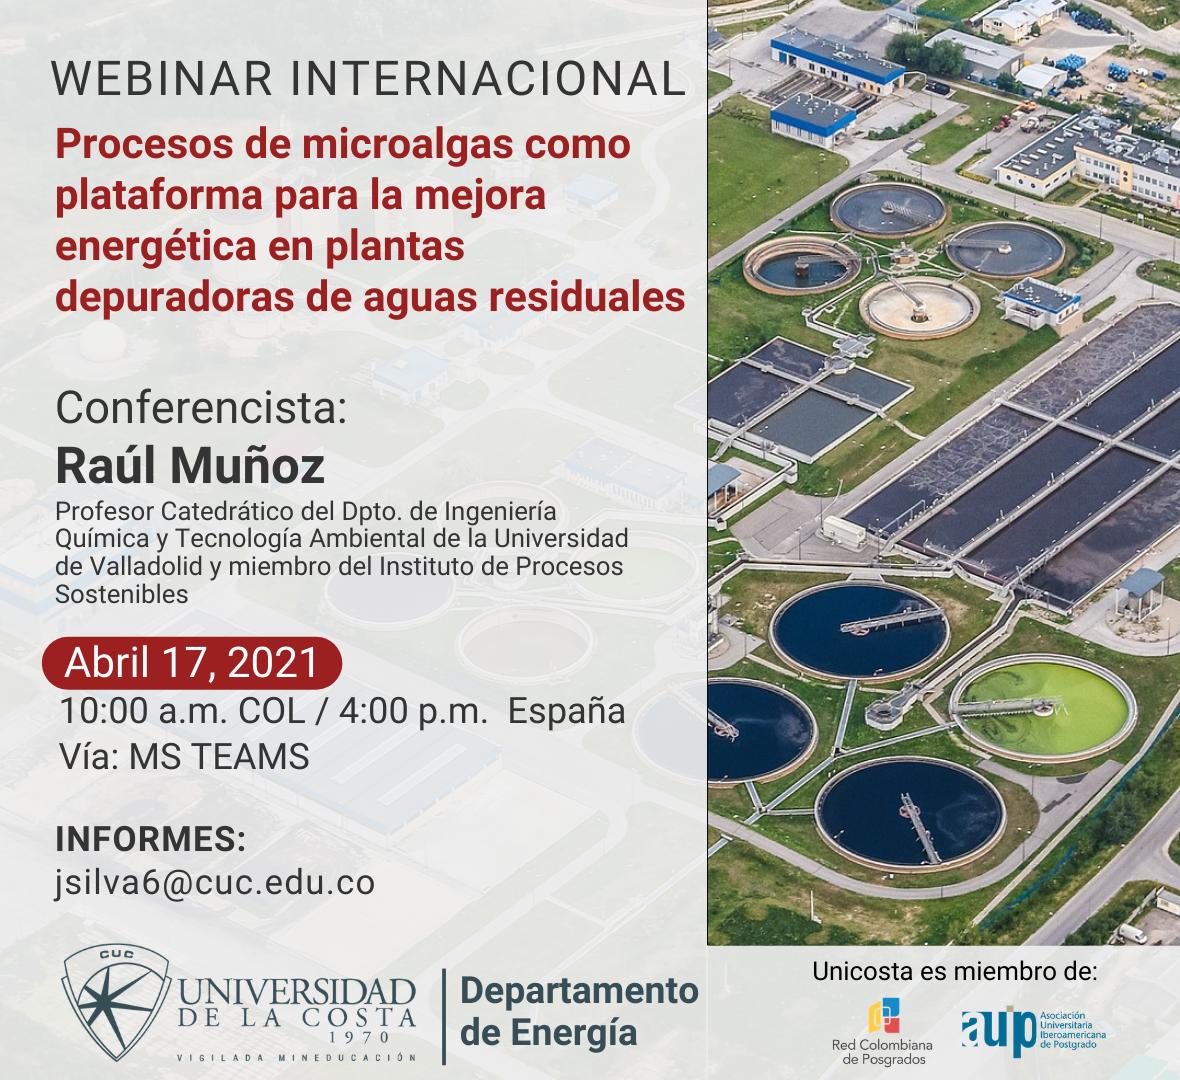 """Webinar internacional """"Procesos de microalgas como plataforma para la mejora energética en plantas depuradoras de aguas residuales"""""""